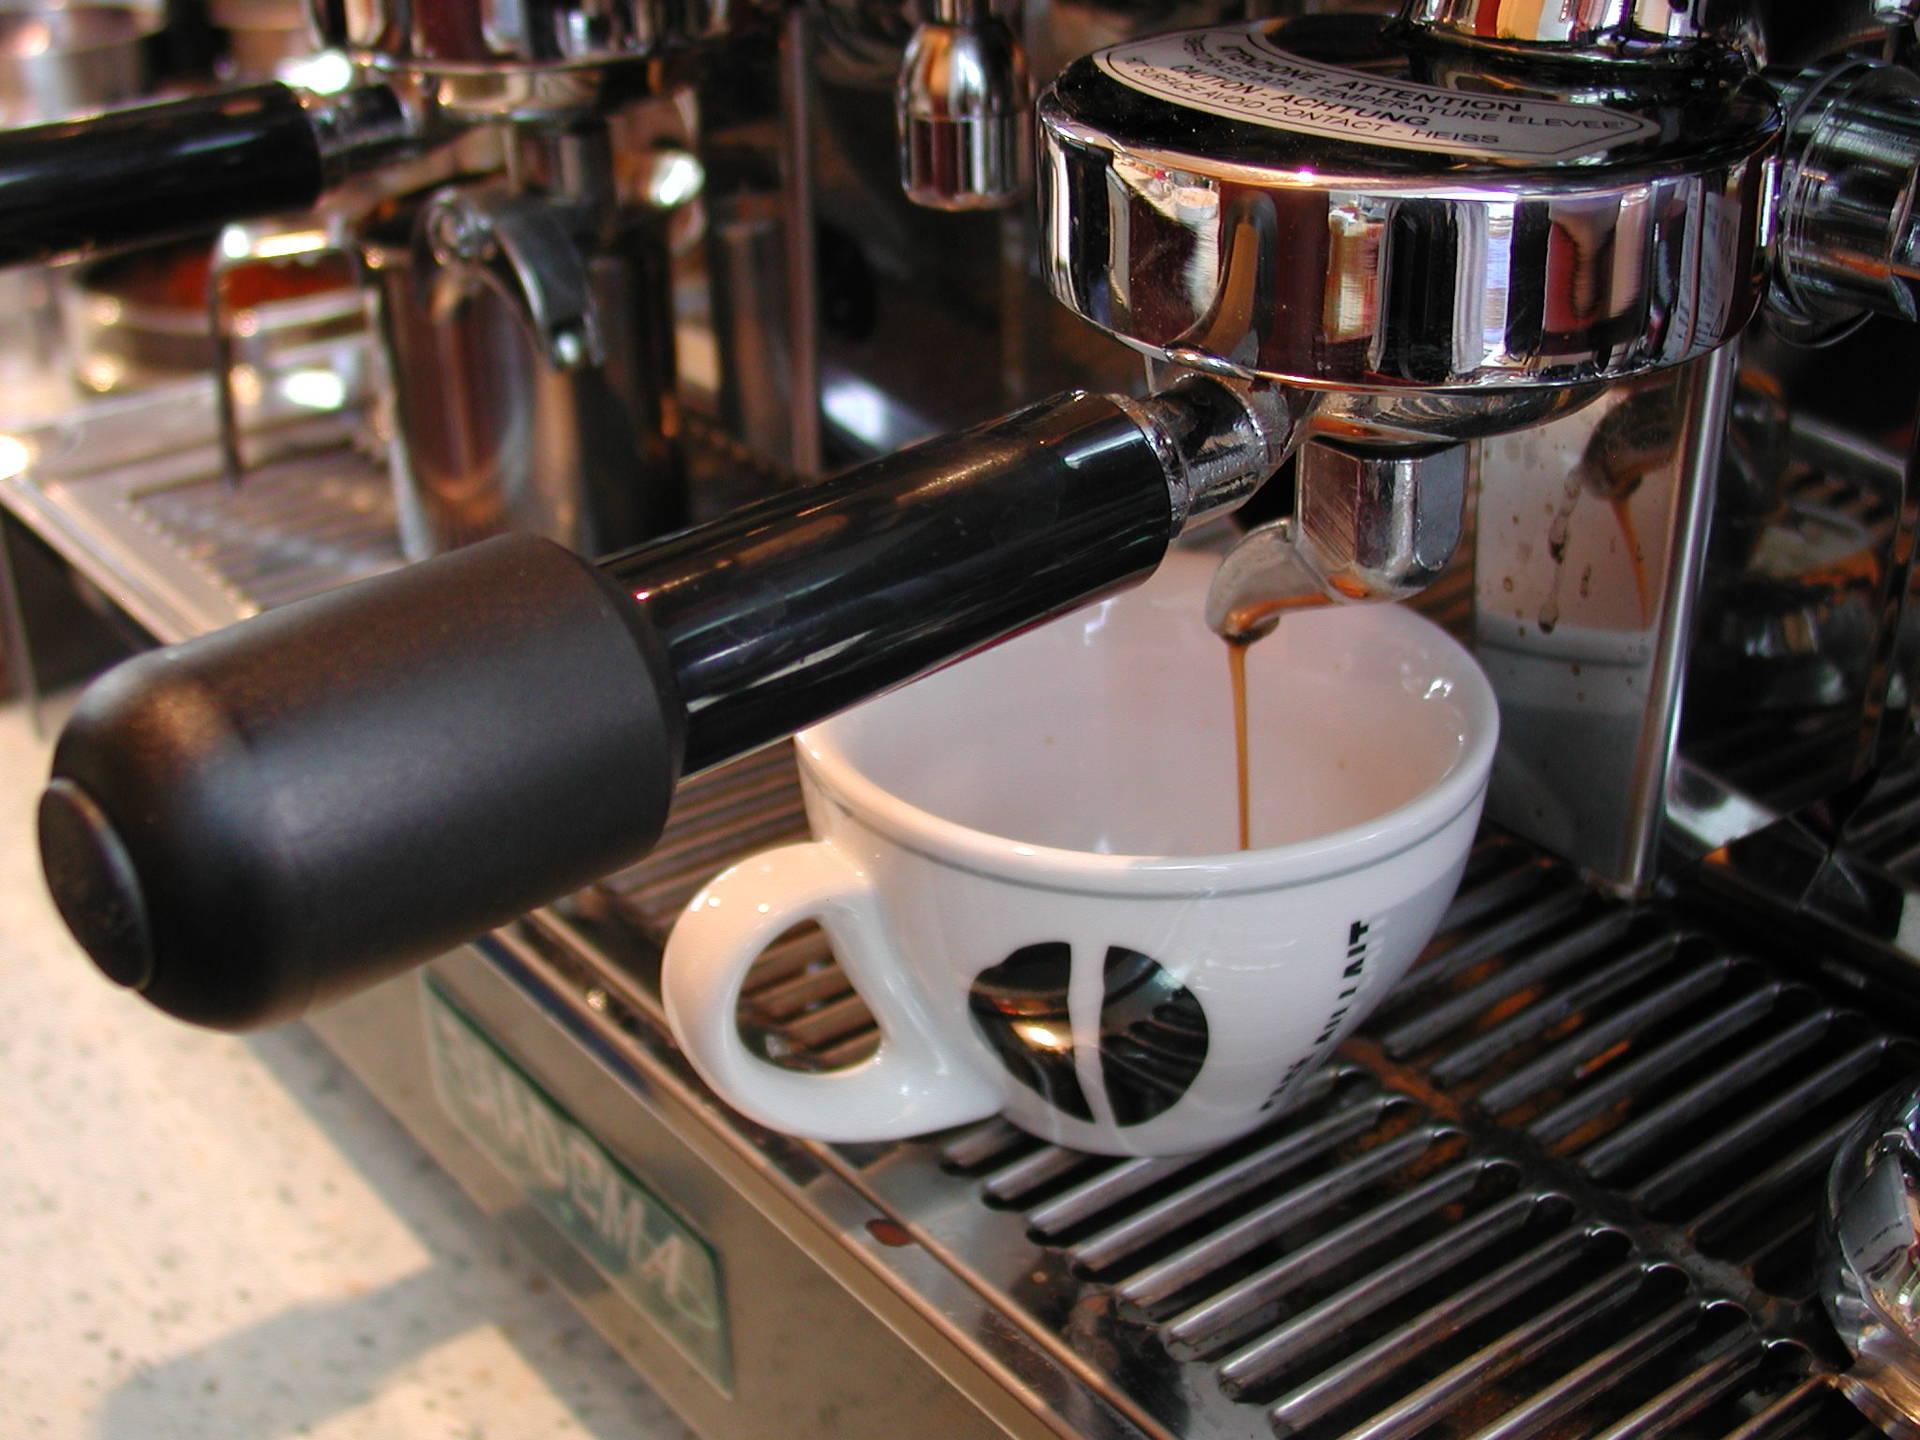 Waarom krijg je hoofdpijn als je een keer geen koffie drinkt?